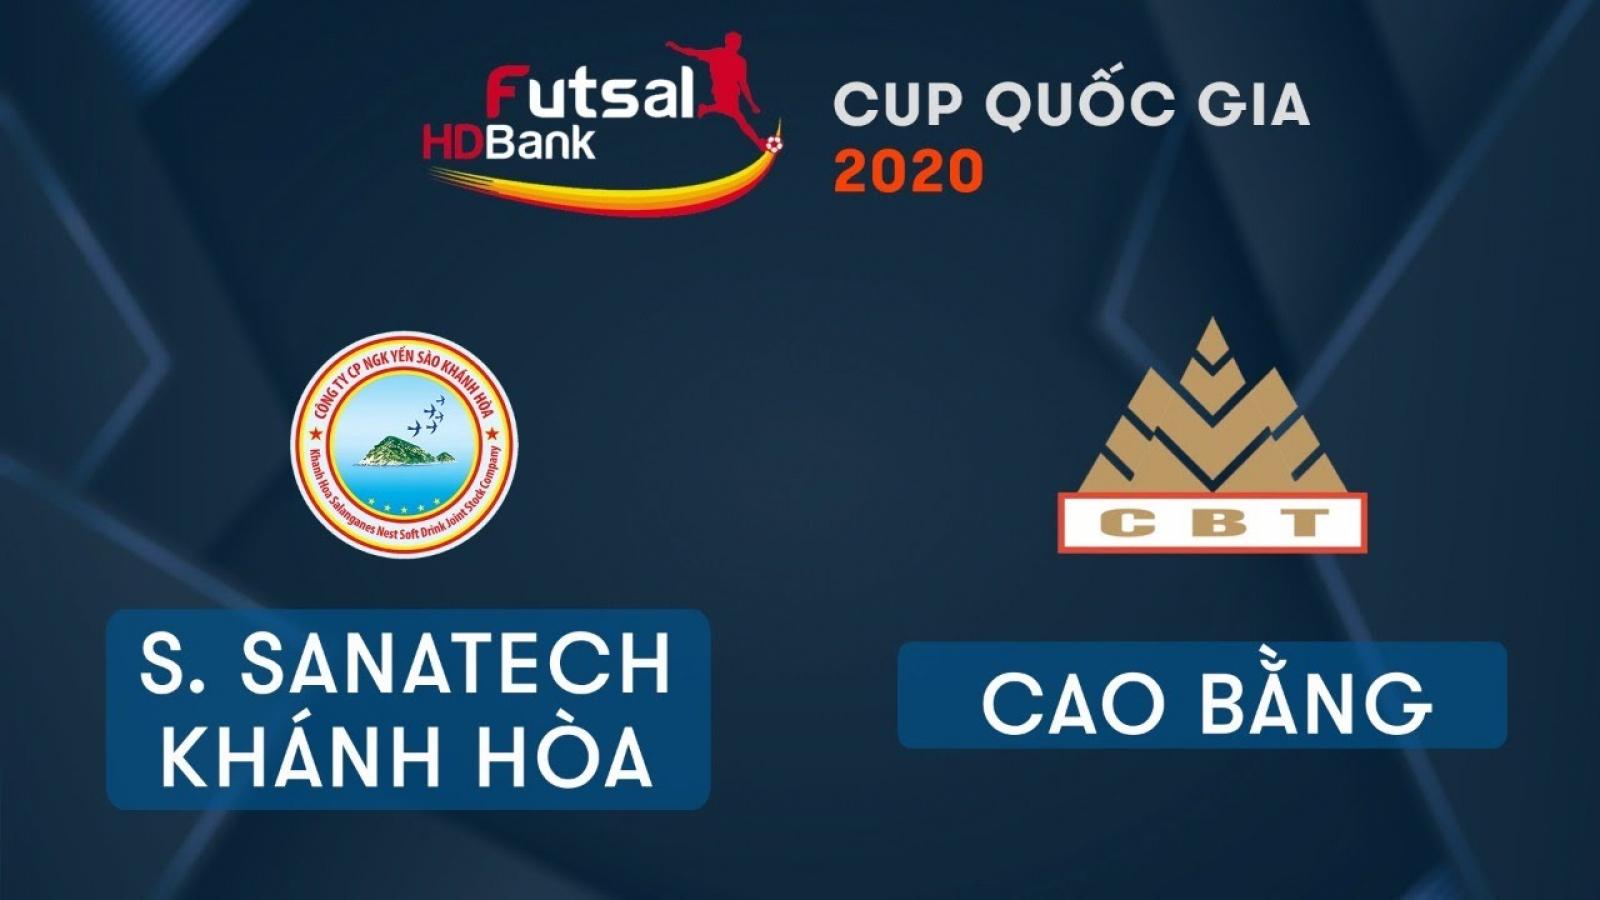 TRỰC TIẾP S.Sanatech Khánh Hòa vs Cao Bằng - Giải Futsal HDBank Cúp Quốc gia 2020